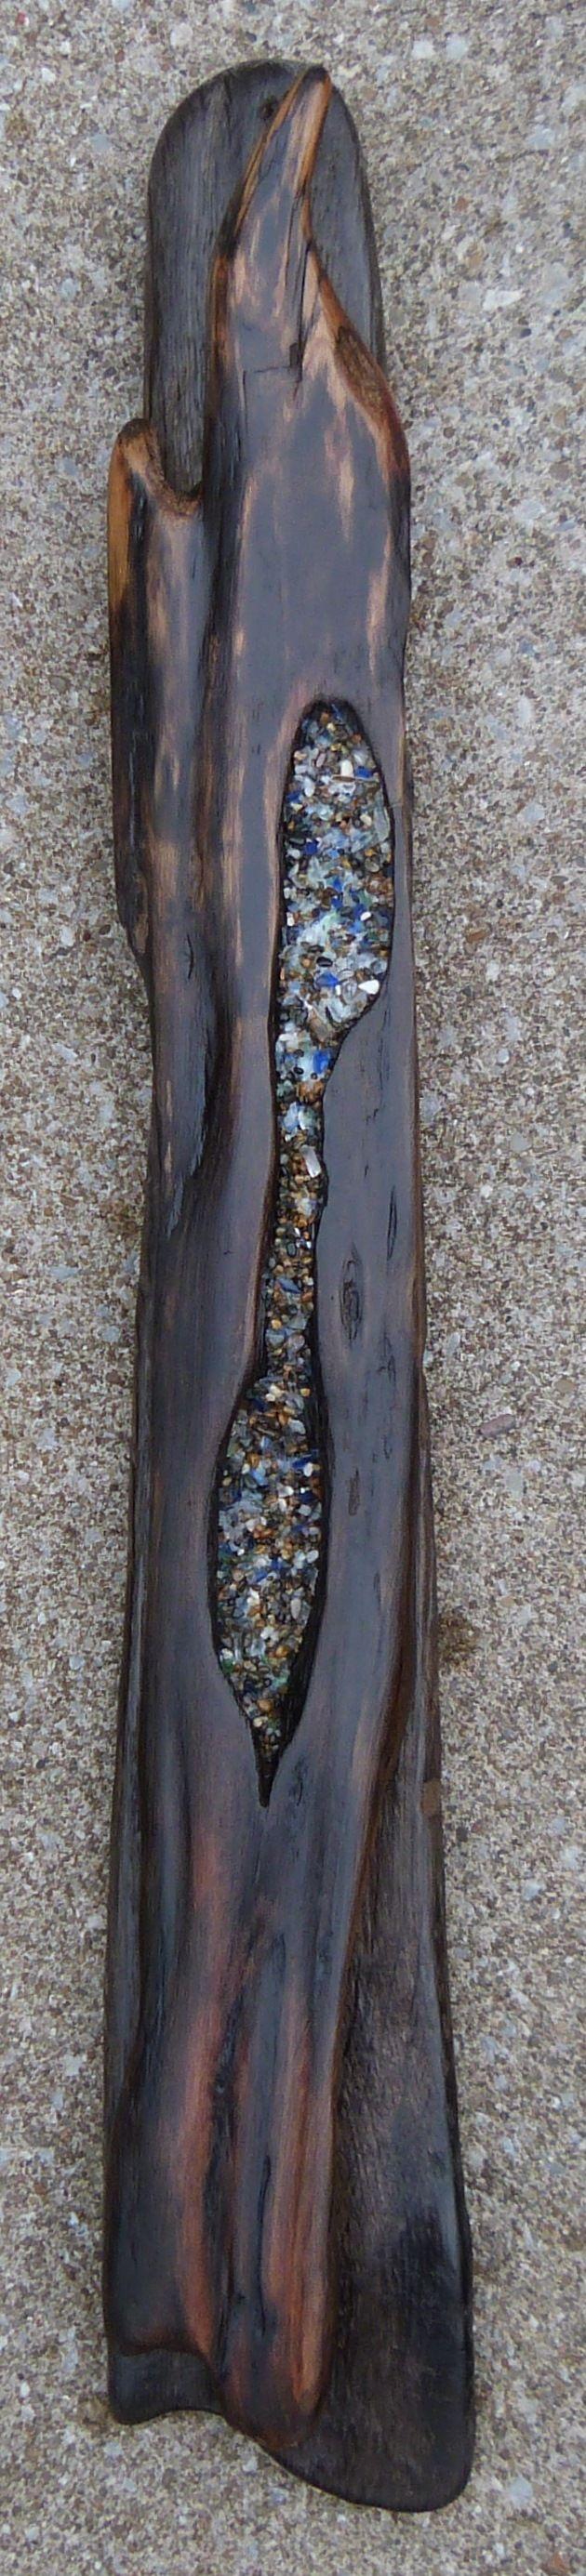 Slender- driftwood wall hanging by Ballard Woods